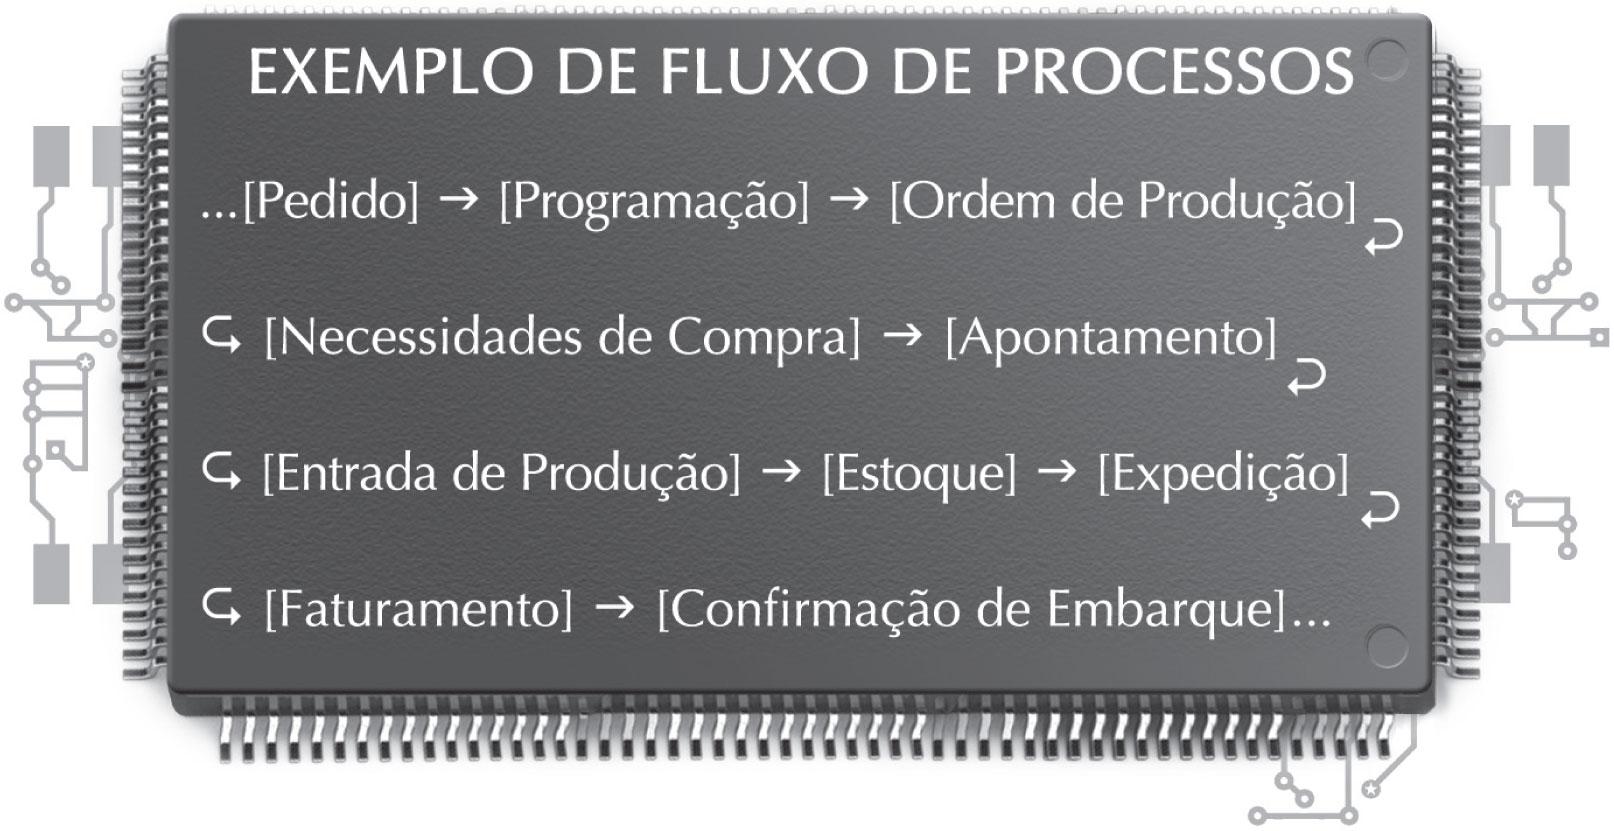 Exemplo de Fluxo de Processos: ... [Pedido] ? [Programação] ? [Ordem de Produção] ? [Necessidades de Compra] ? [Apontamento] ? [Entrada de Produção] ? [Estoque] ? [Expedição] ? [Faturamento] ? [Confirmação de Embarque] ...